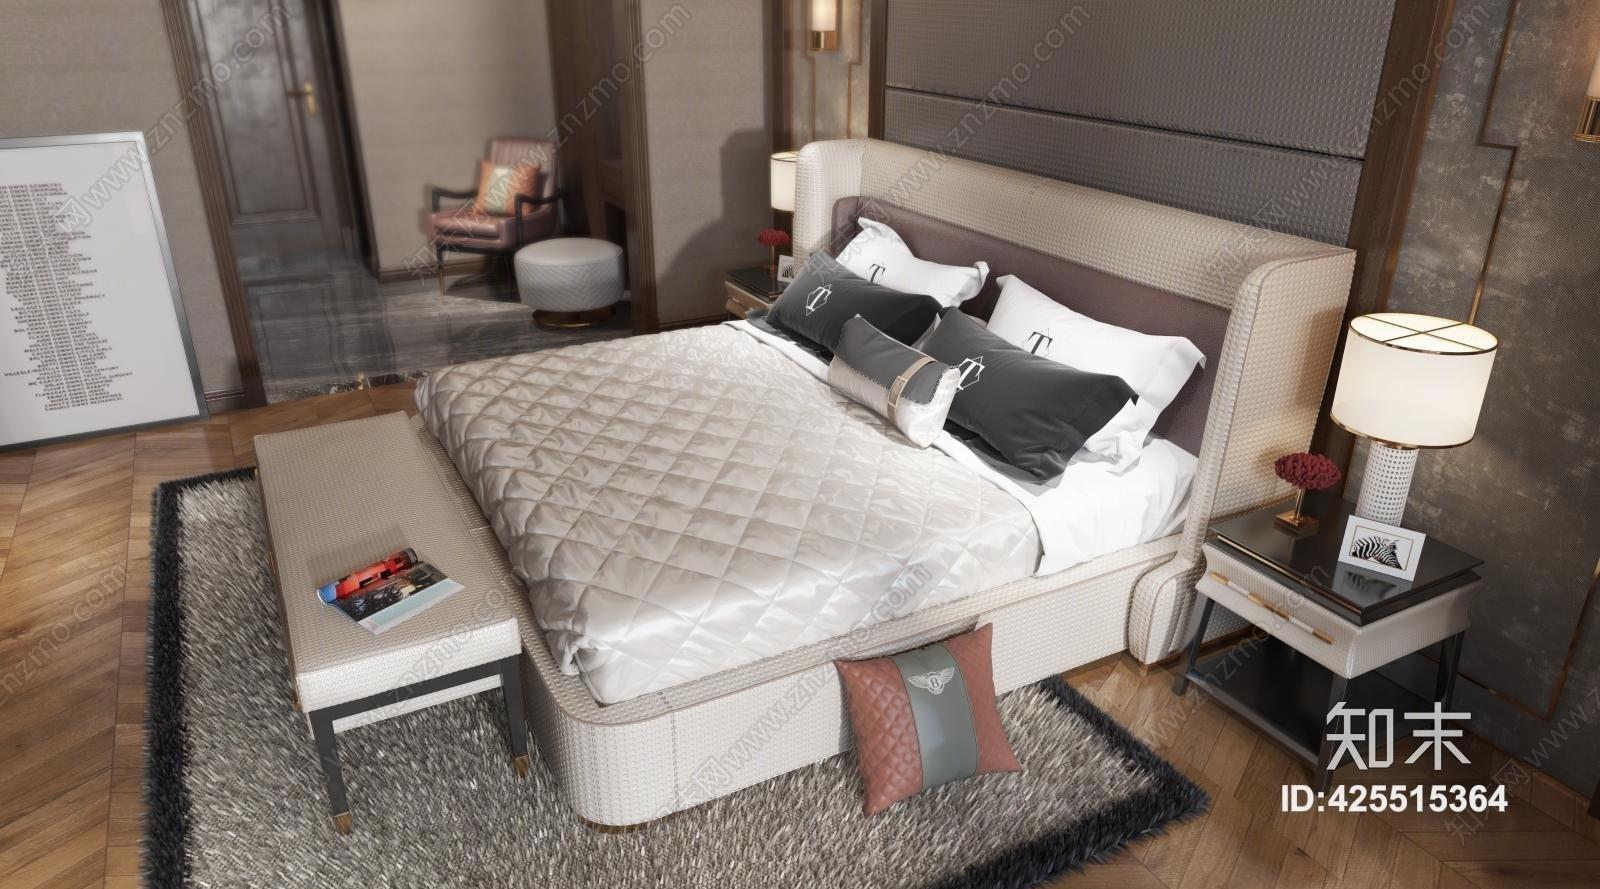 轻奢卧室 床 床头柜 床尾凳 台灯 吊灯